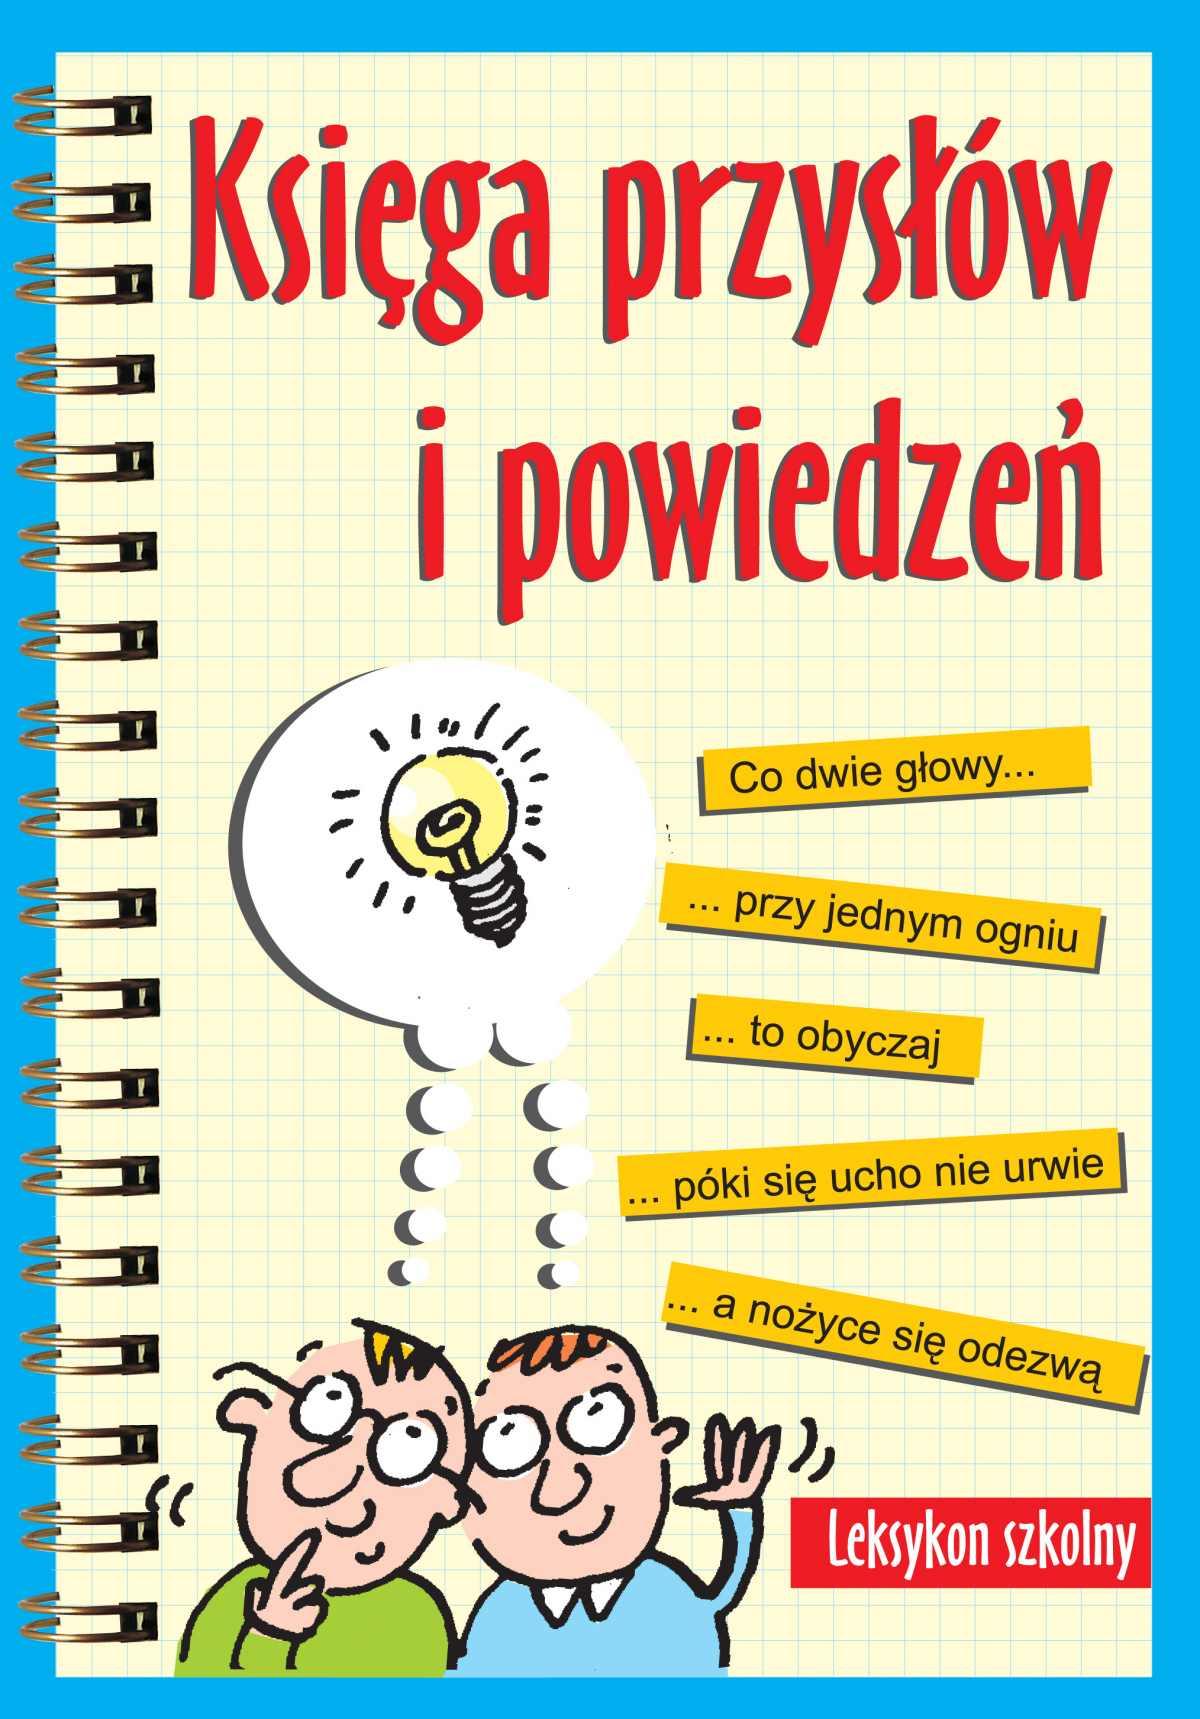 Księga przysłów i powiedzeń. Leksykon szkolny - Ebook (Książka EPUB) do pobrania w formacie EPUB